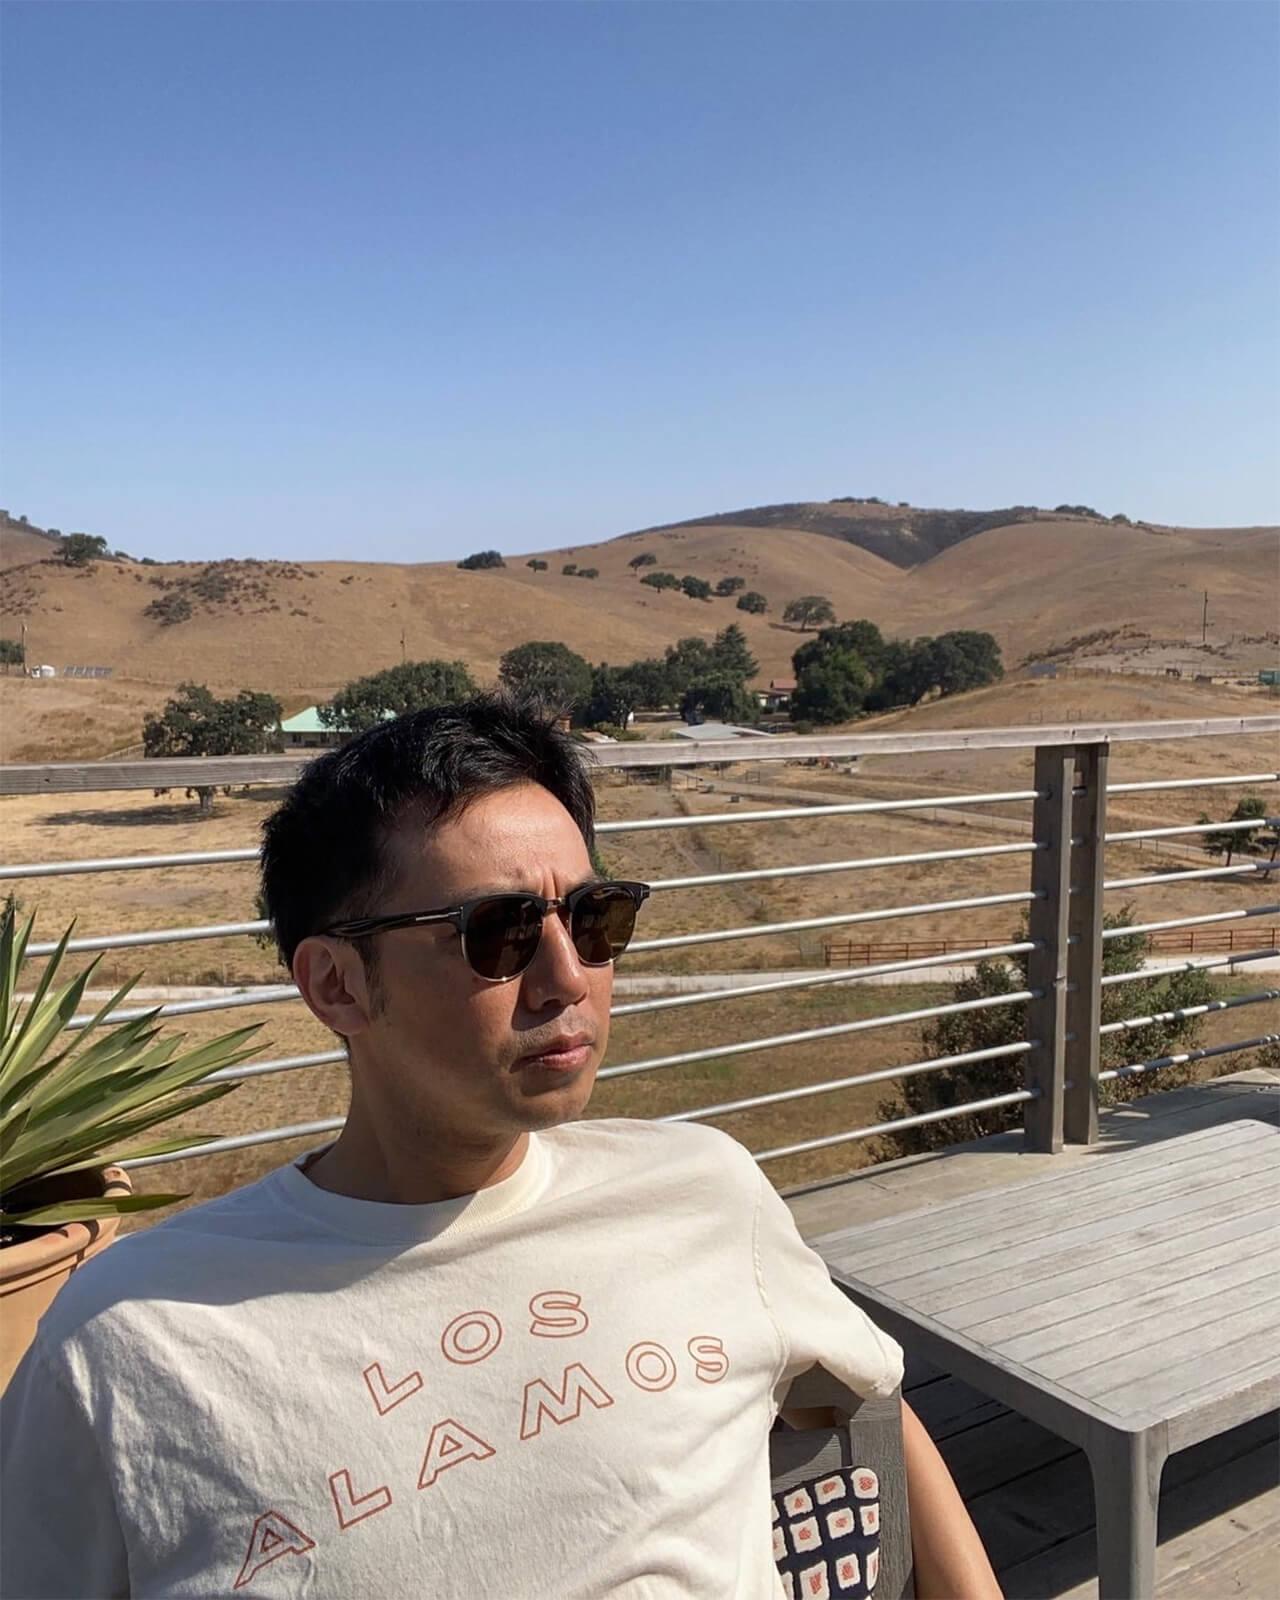 ピース綾部祐二のサンフランシスコ〜LAバイク旅を追う interview2110-yuji-ayabe-LA-5